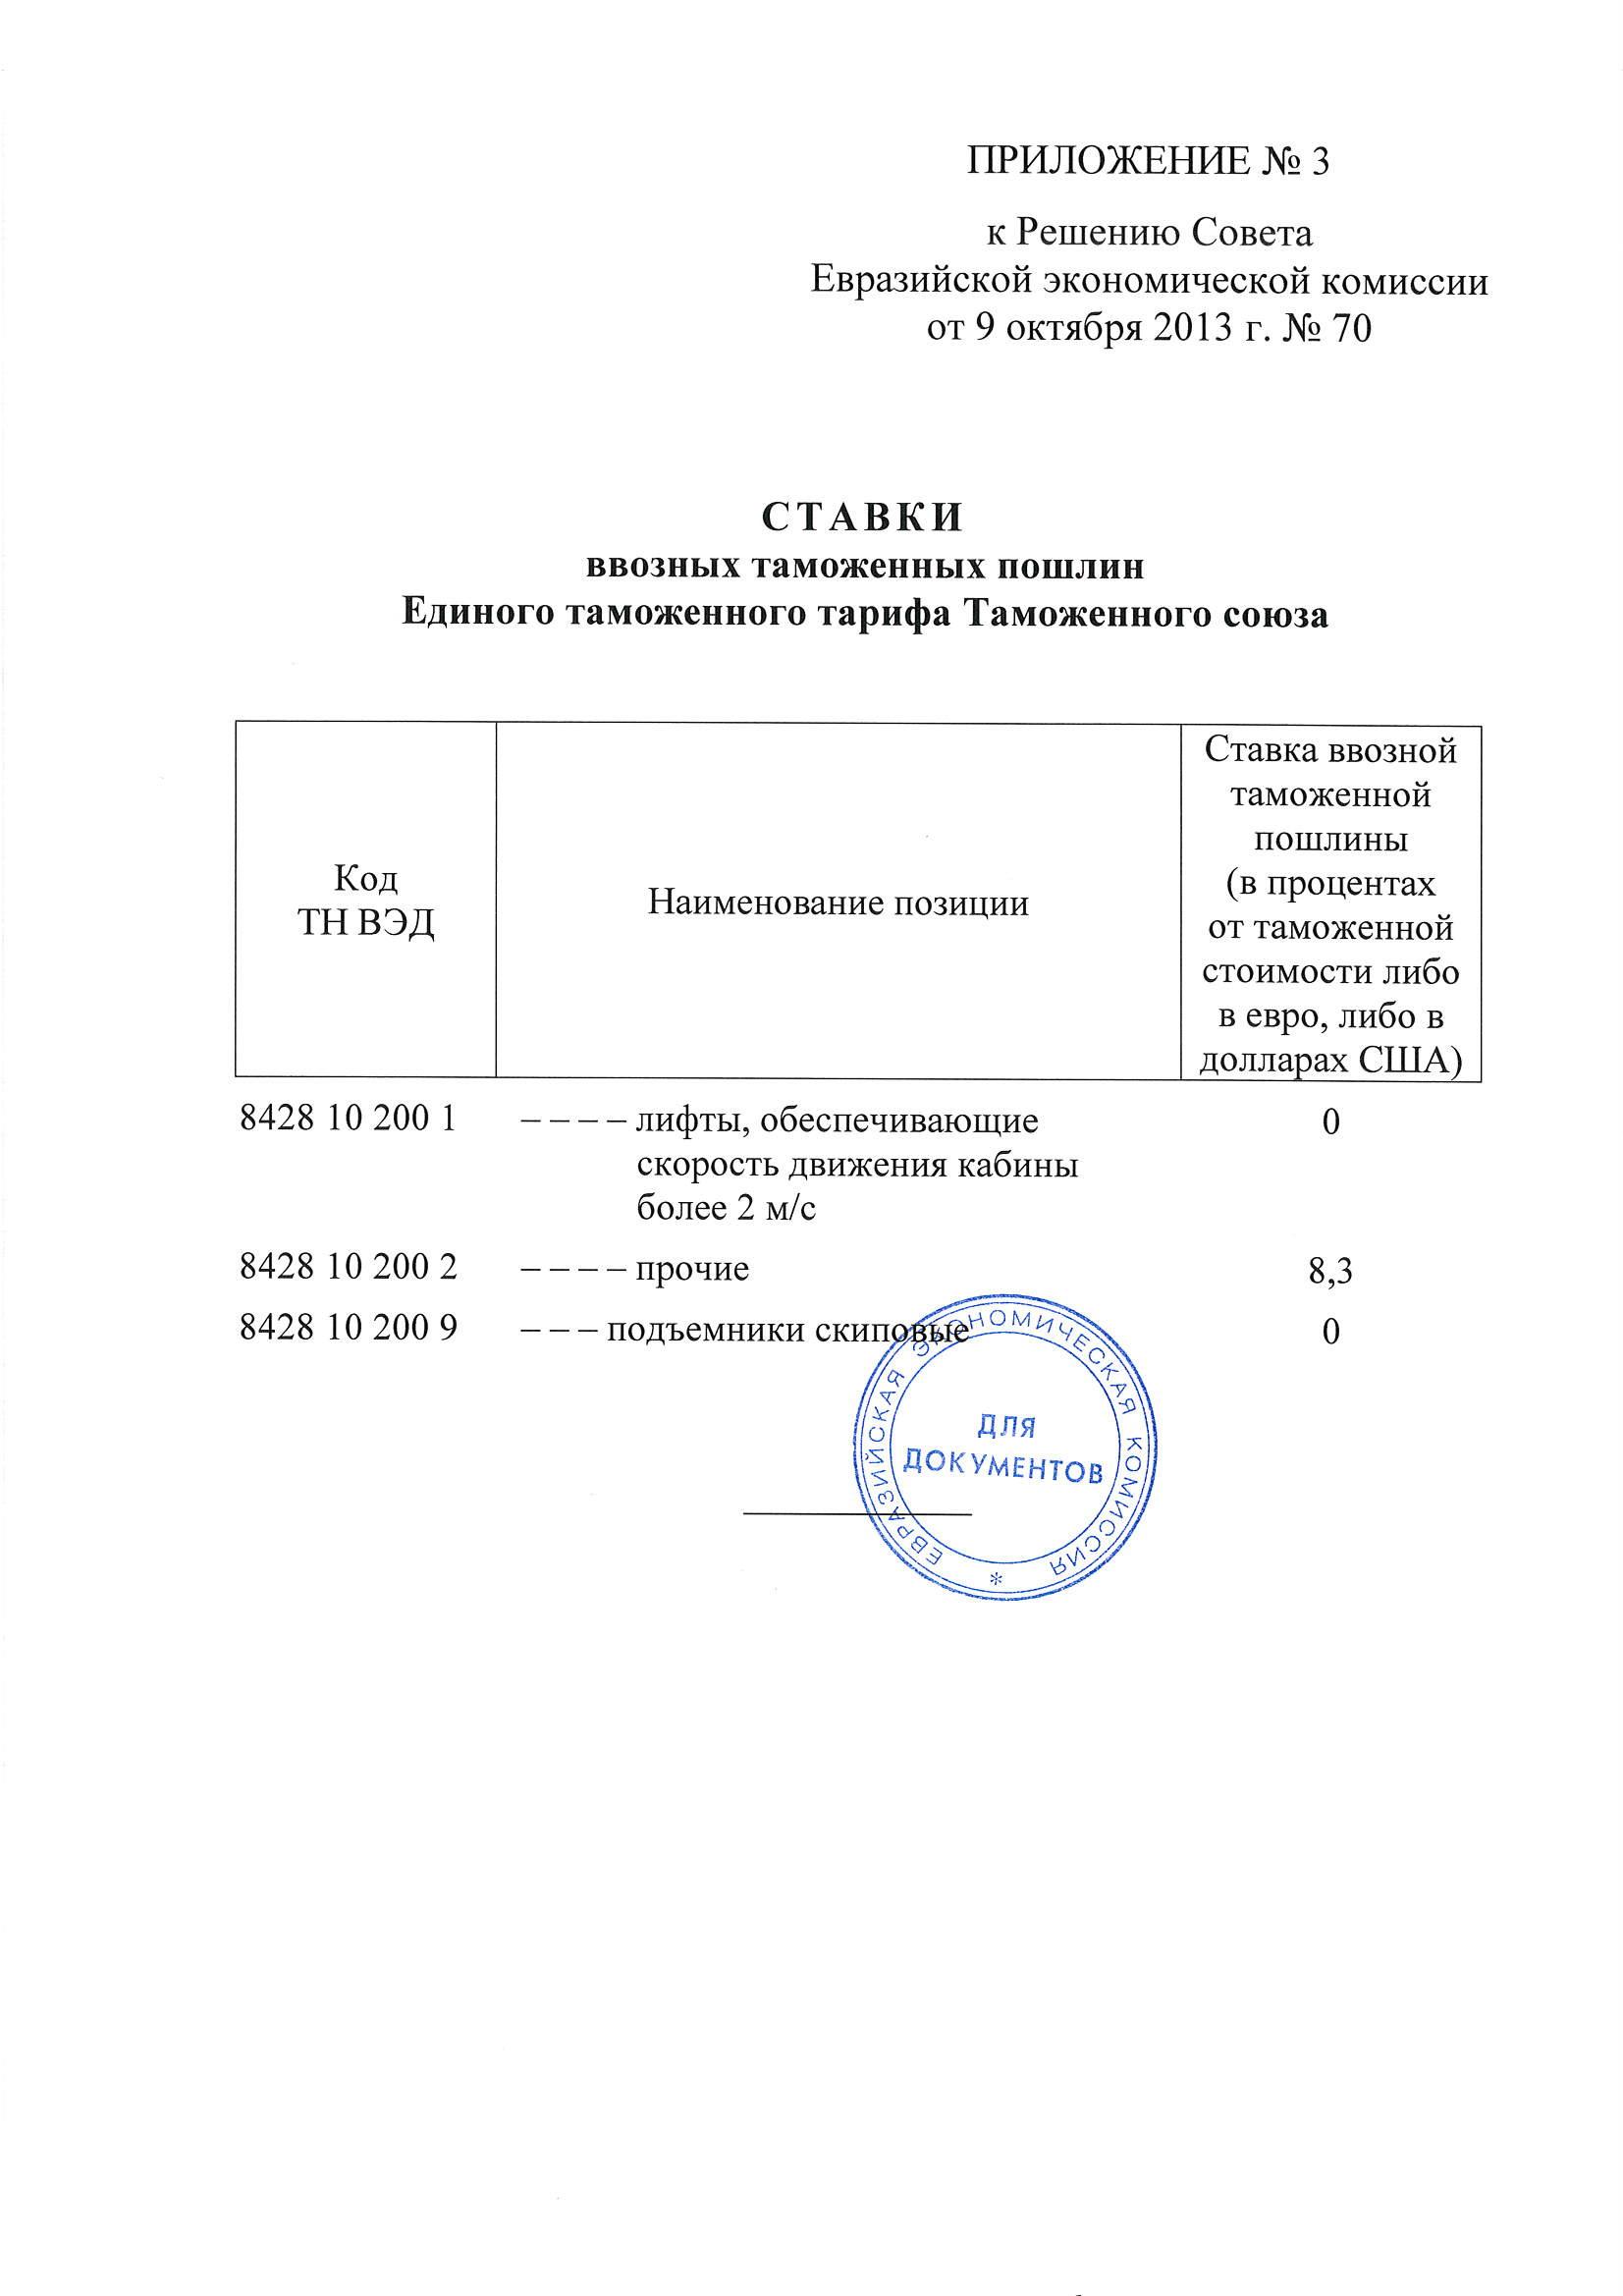 Решение Совета ЕЭК о введении таможенных пошлин на лифты